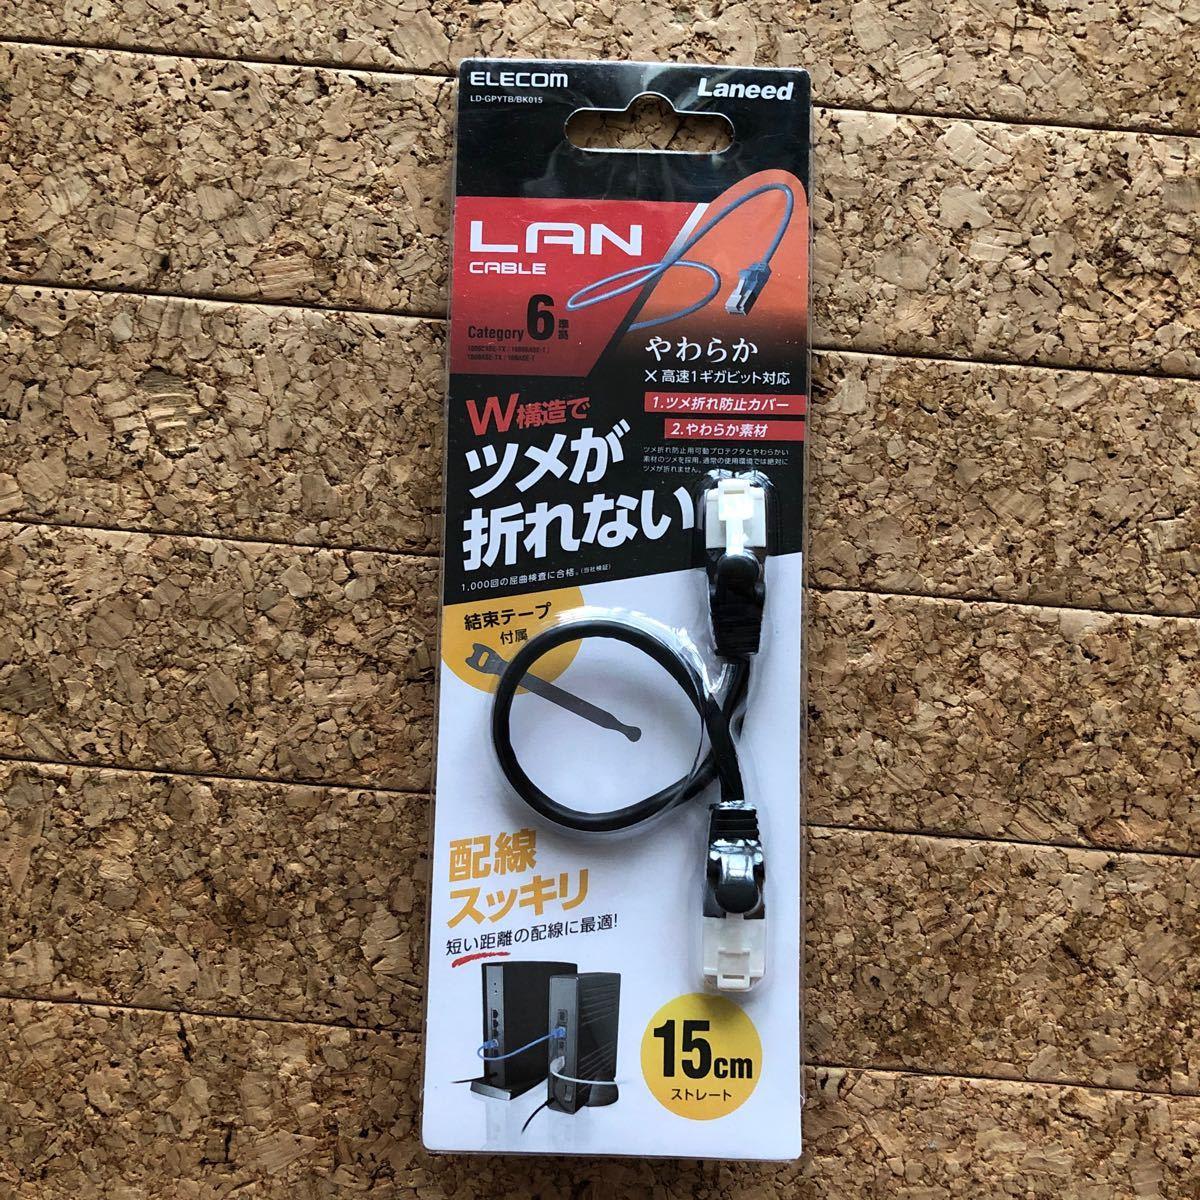 エレコム ツメ折れ防止短尺LANケーブル (Cat6準拠) LD-GPYTB/BK015